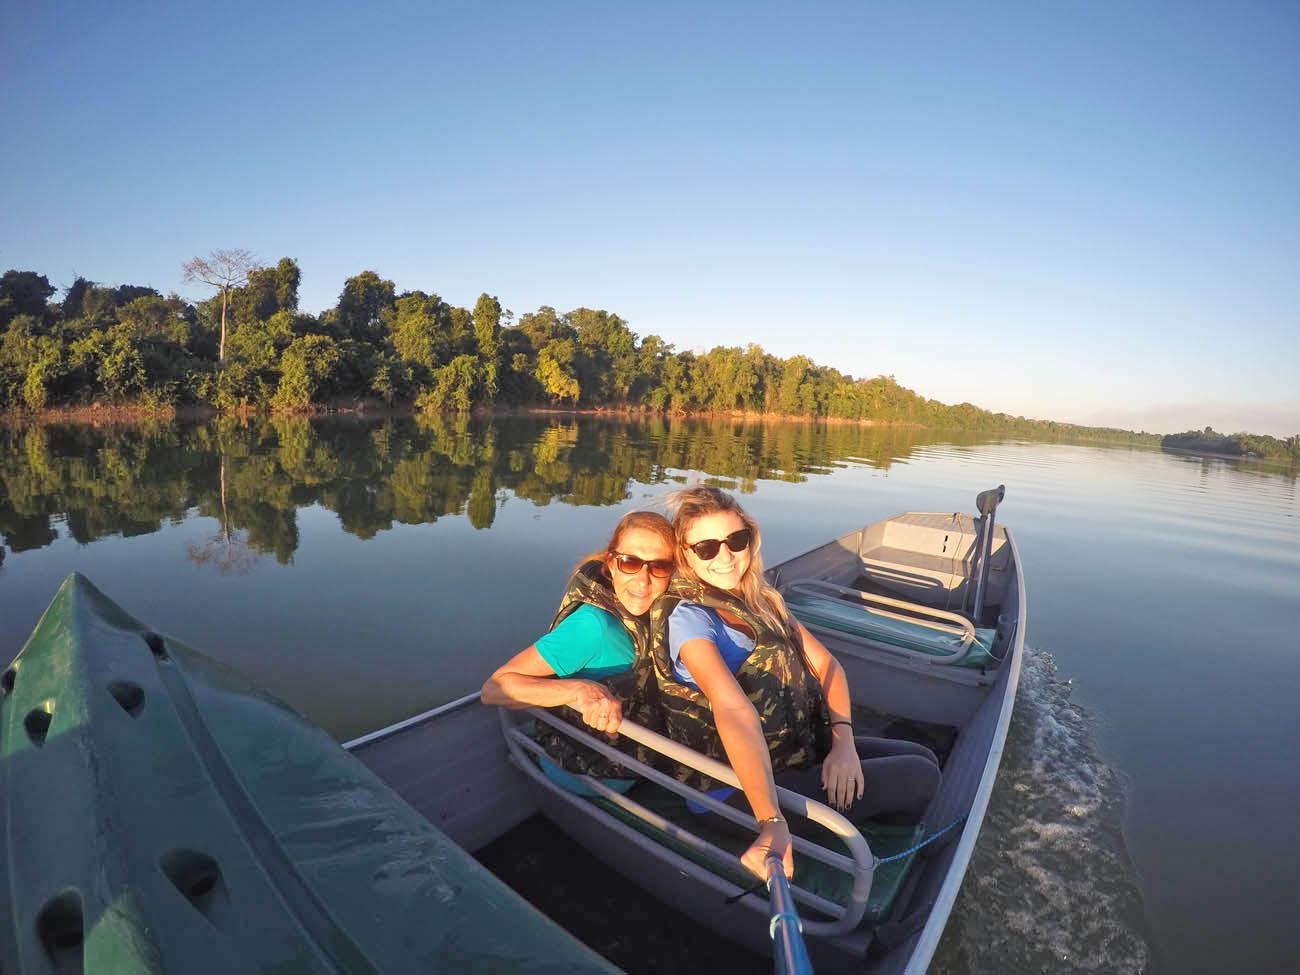 Voltando para o lodge depois do pôr do sol maravilhoso na Amazônia